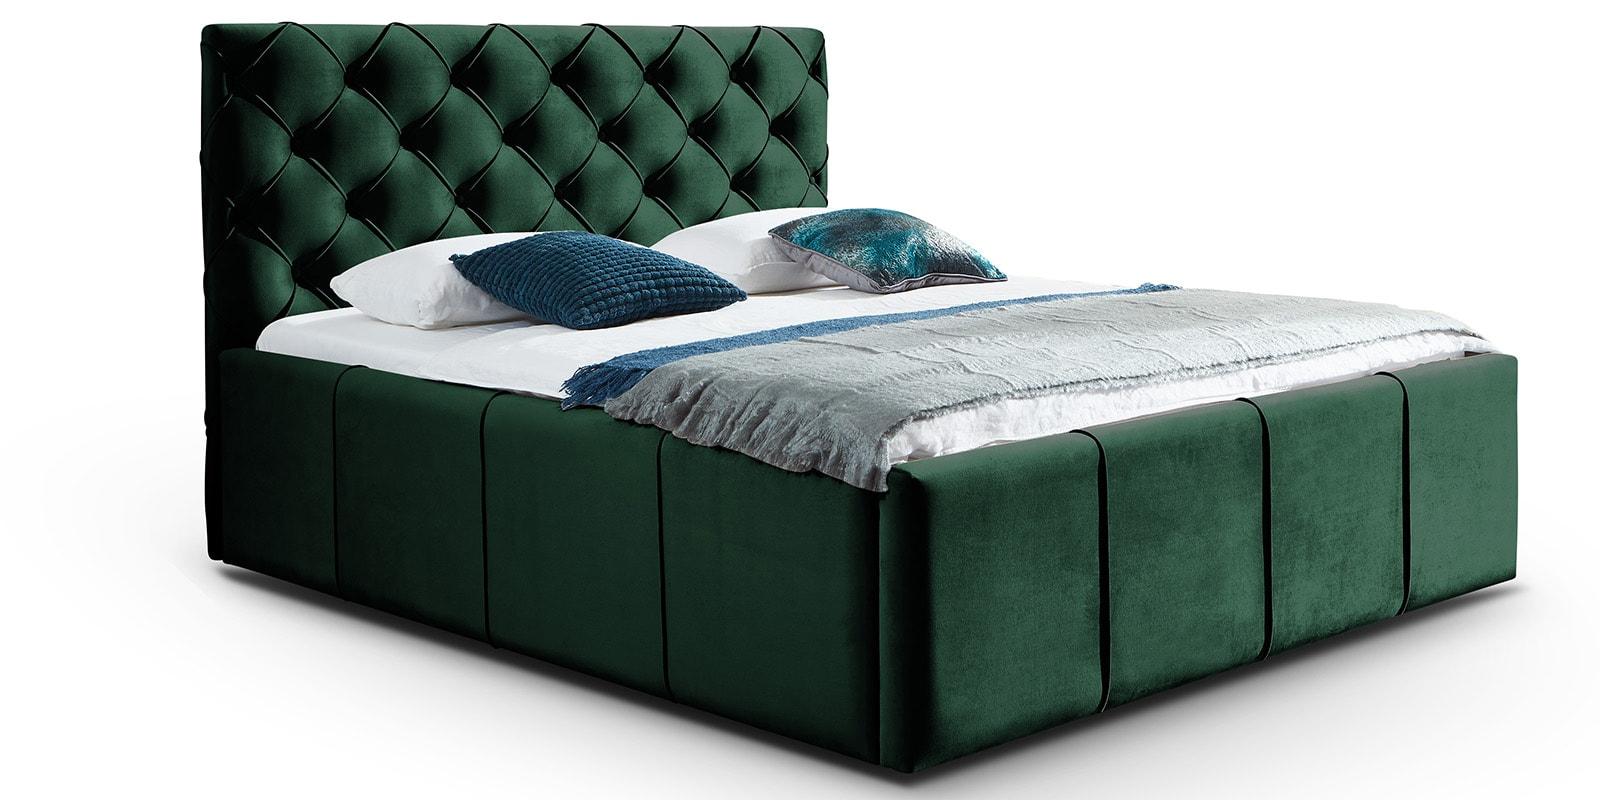 Moebella24 - Bett - mit - Bettkasten - Nelly - Samt - Smaragd - XXL-Stauraum - Kopfteil - und - Korpus - mit - Keder -Detailaufnahme - Von - vorne - links